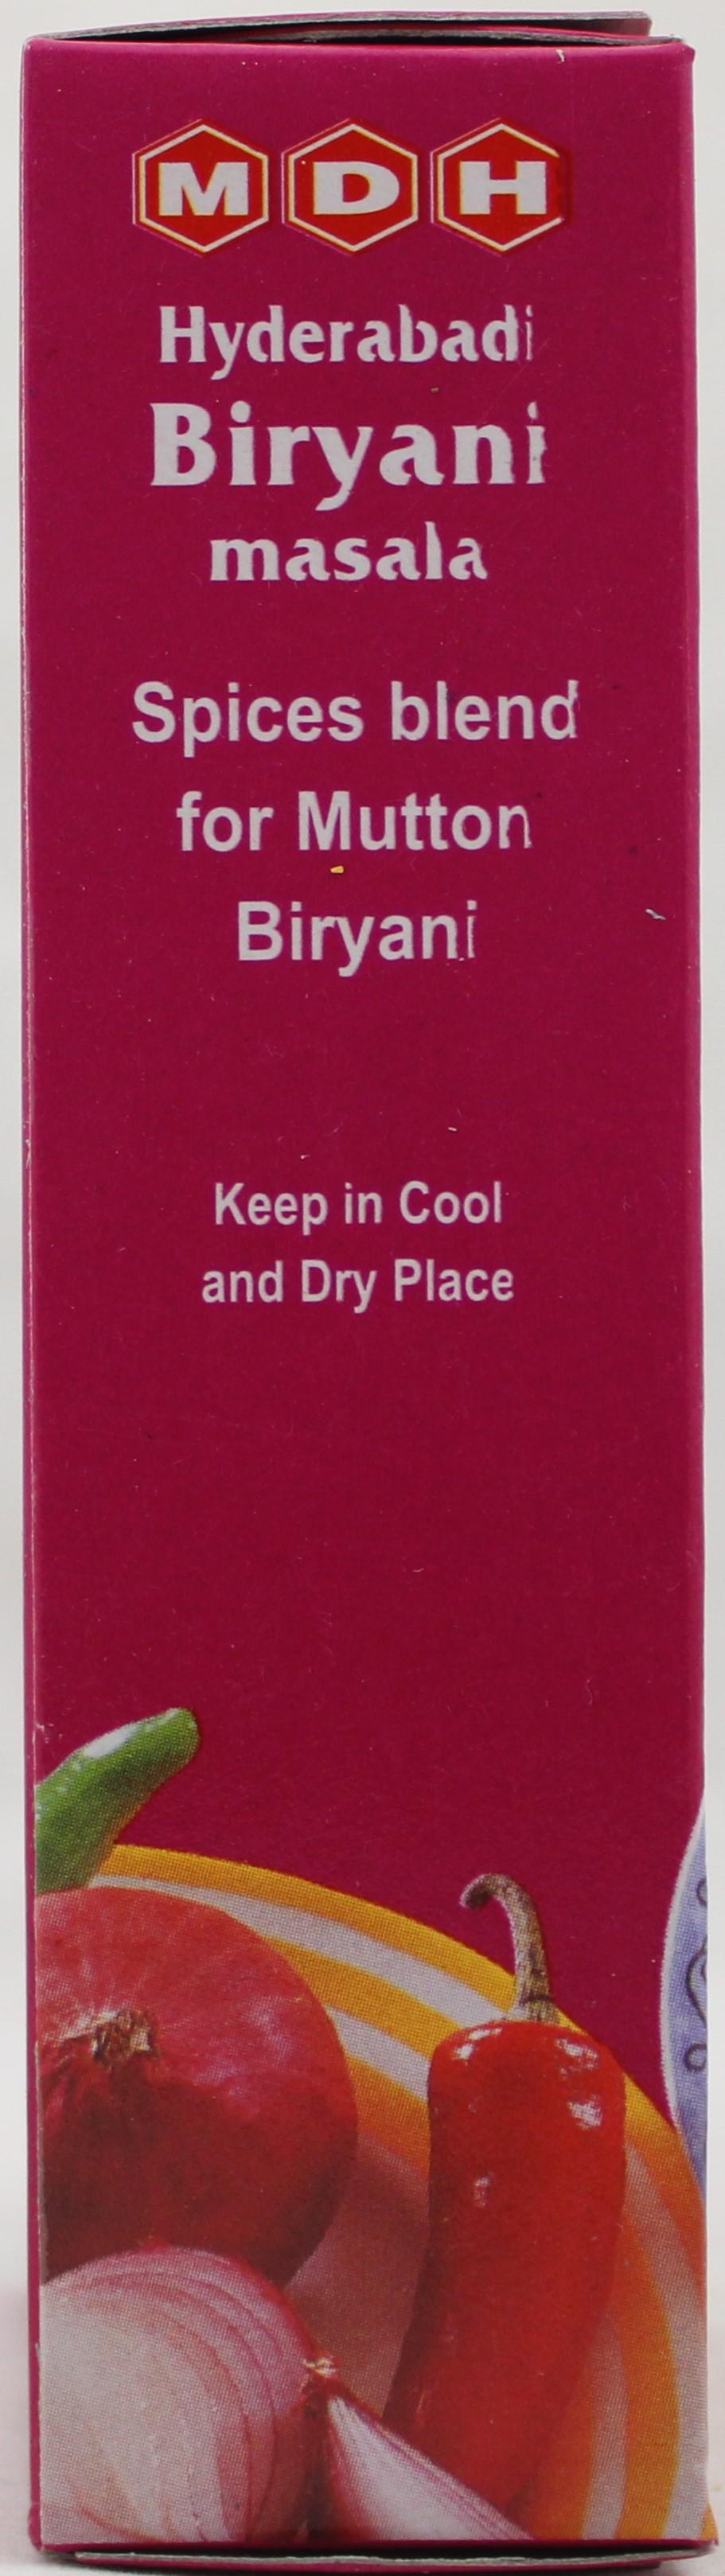 Hyderabadi Biryani Masala1.75oz